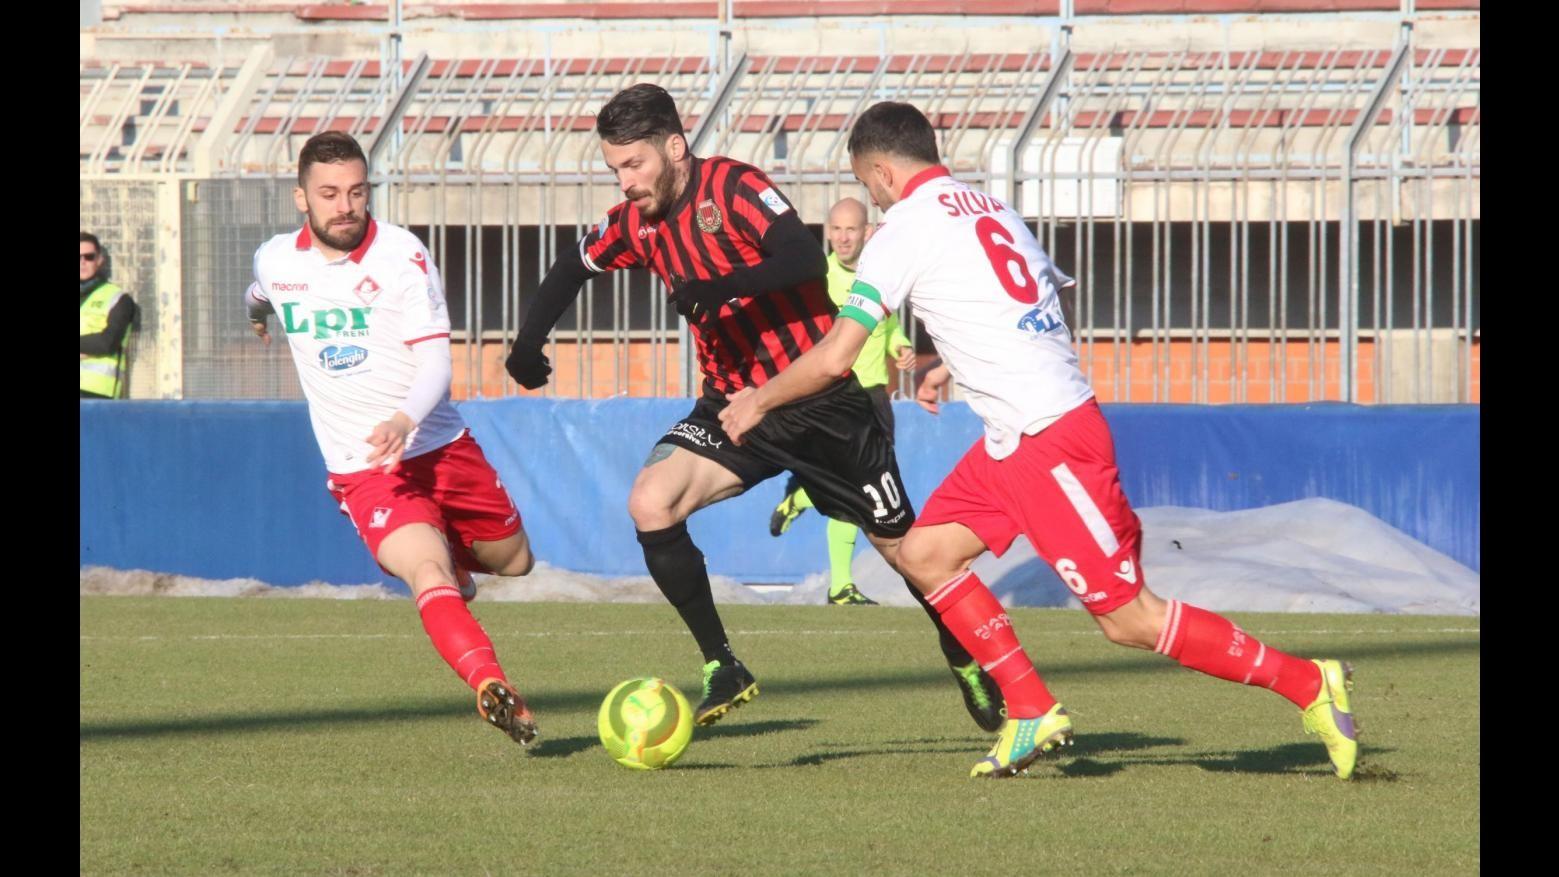 Lega Pro, Pro Piacenza-Piacenza 1-1: il fotoracconto